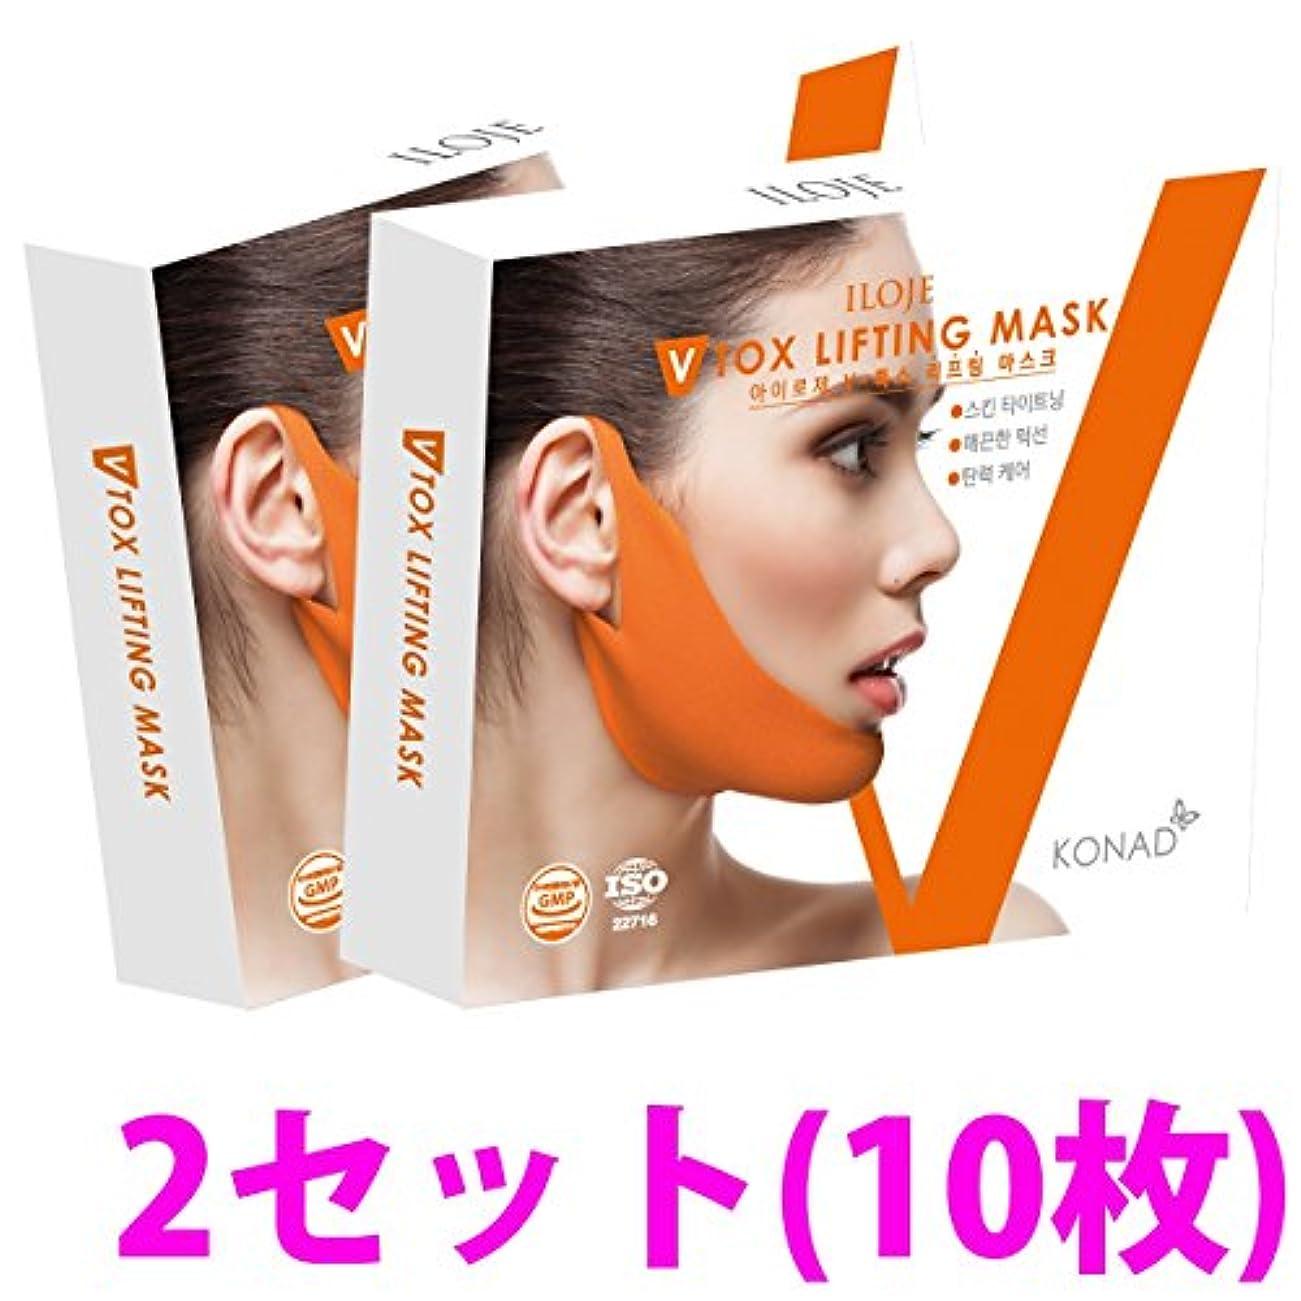 もろい石灰岩無秩序女性の年齢は顎の輪郭で決まる!V-TOXリフティングマスクパック 2セット(10枚)